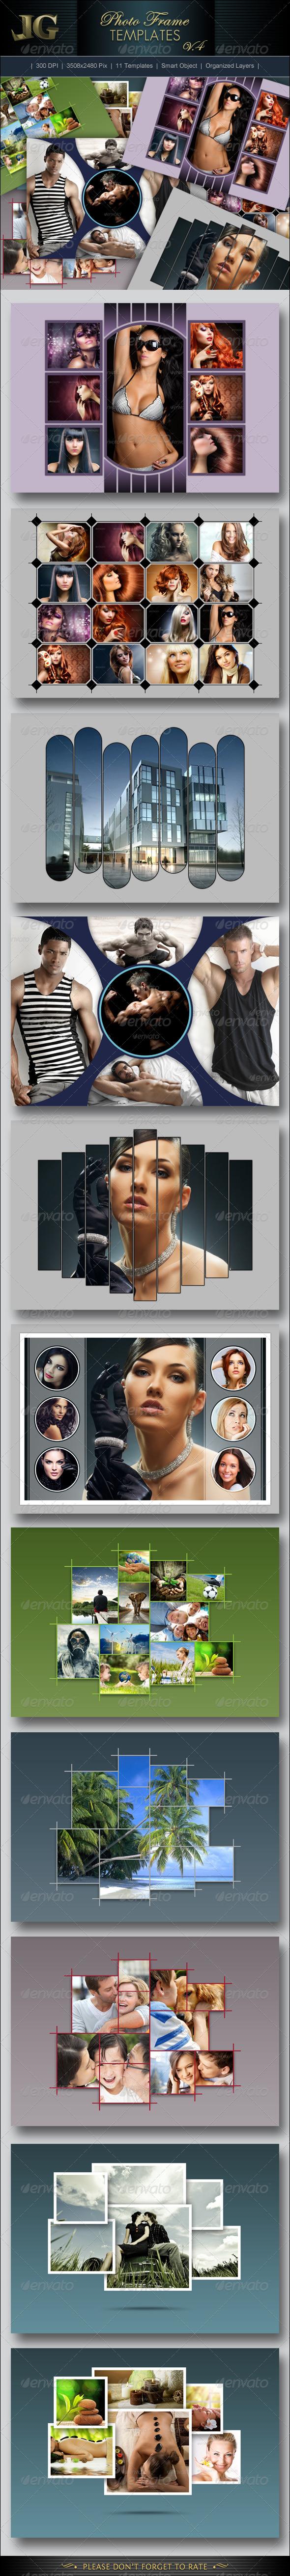 GraphicRiver Photo Frames V4 6568984